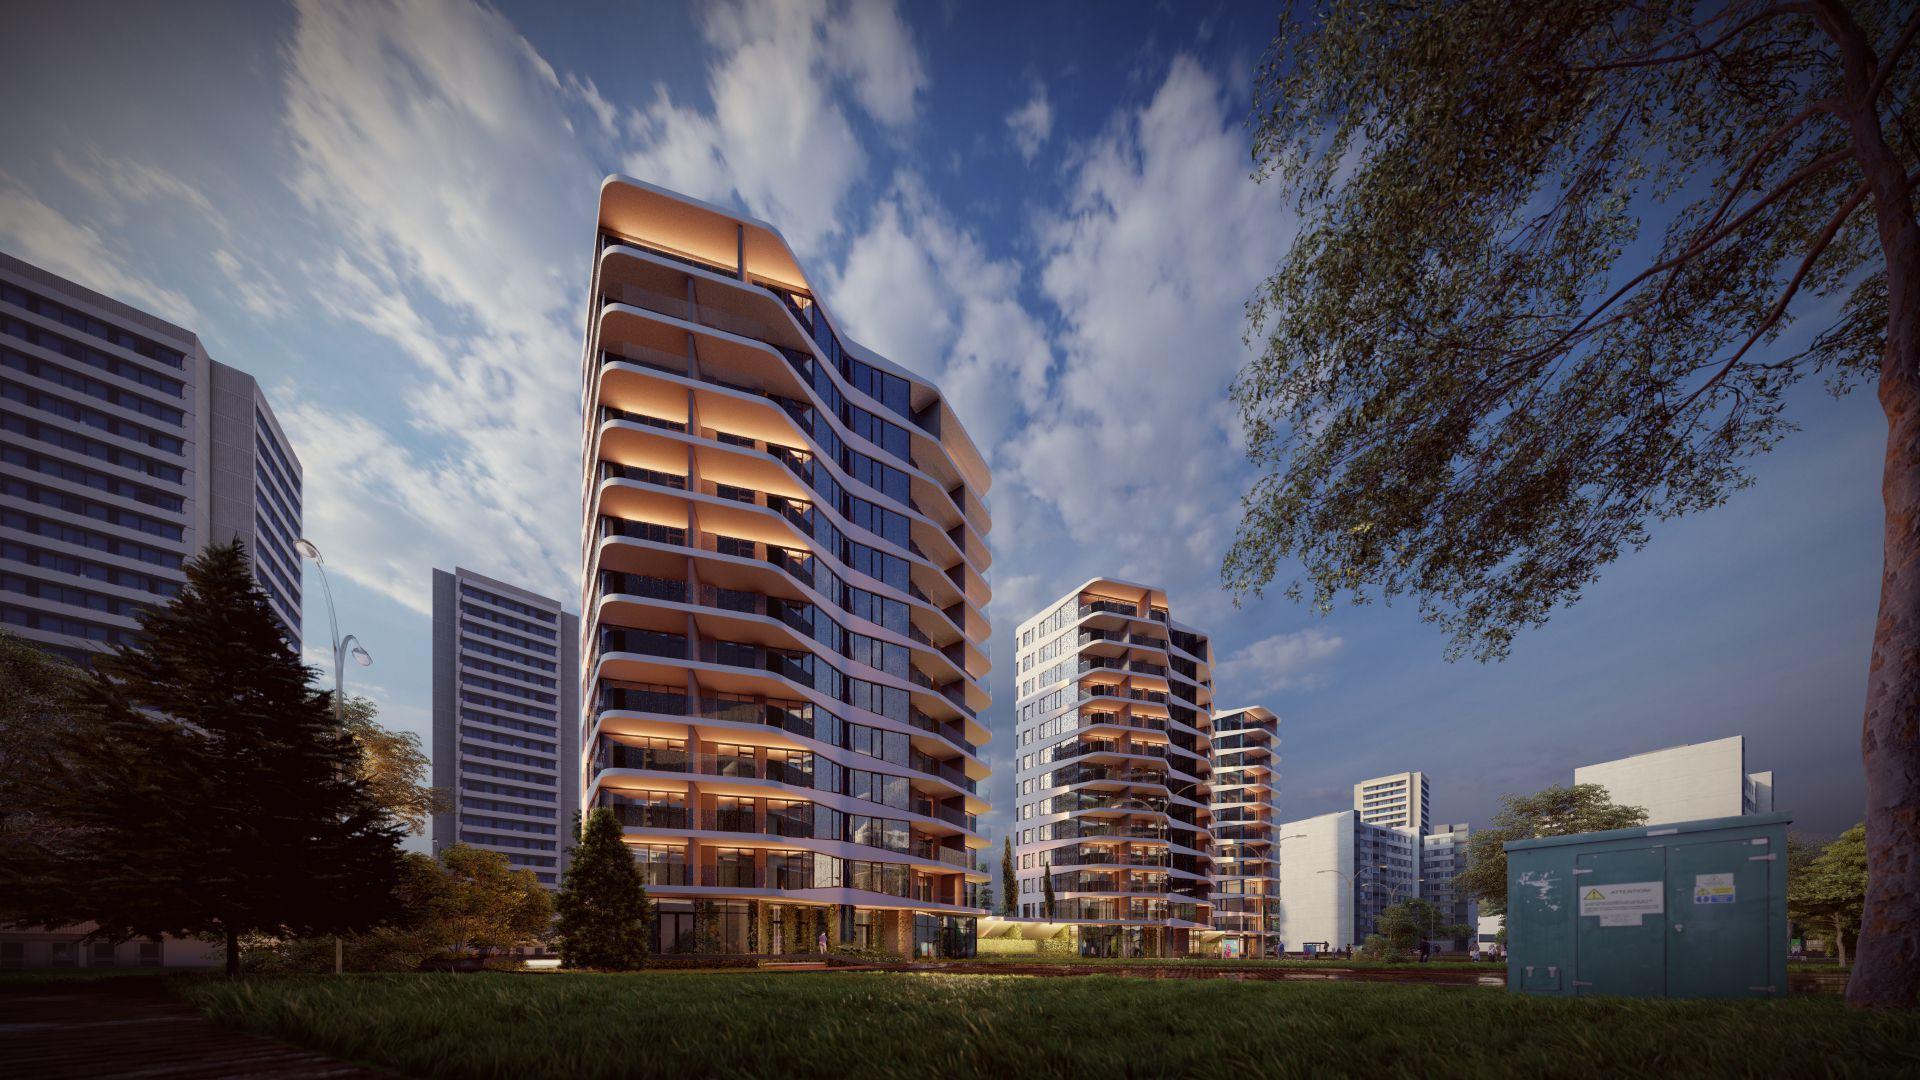 arhitektuurne 3d visualiseerimine skyline 4 7